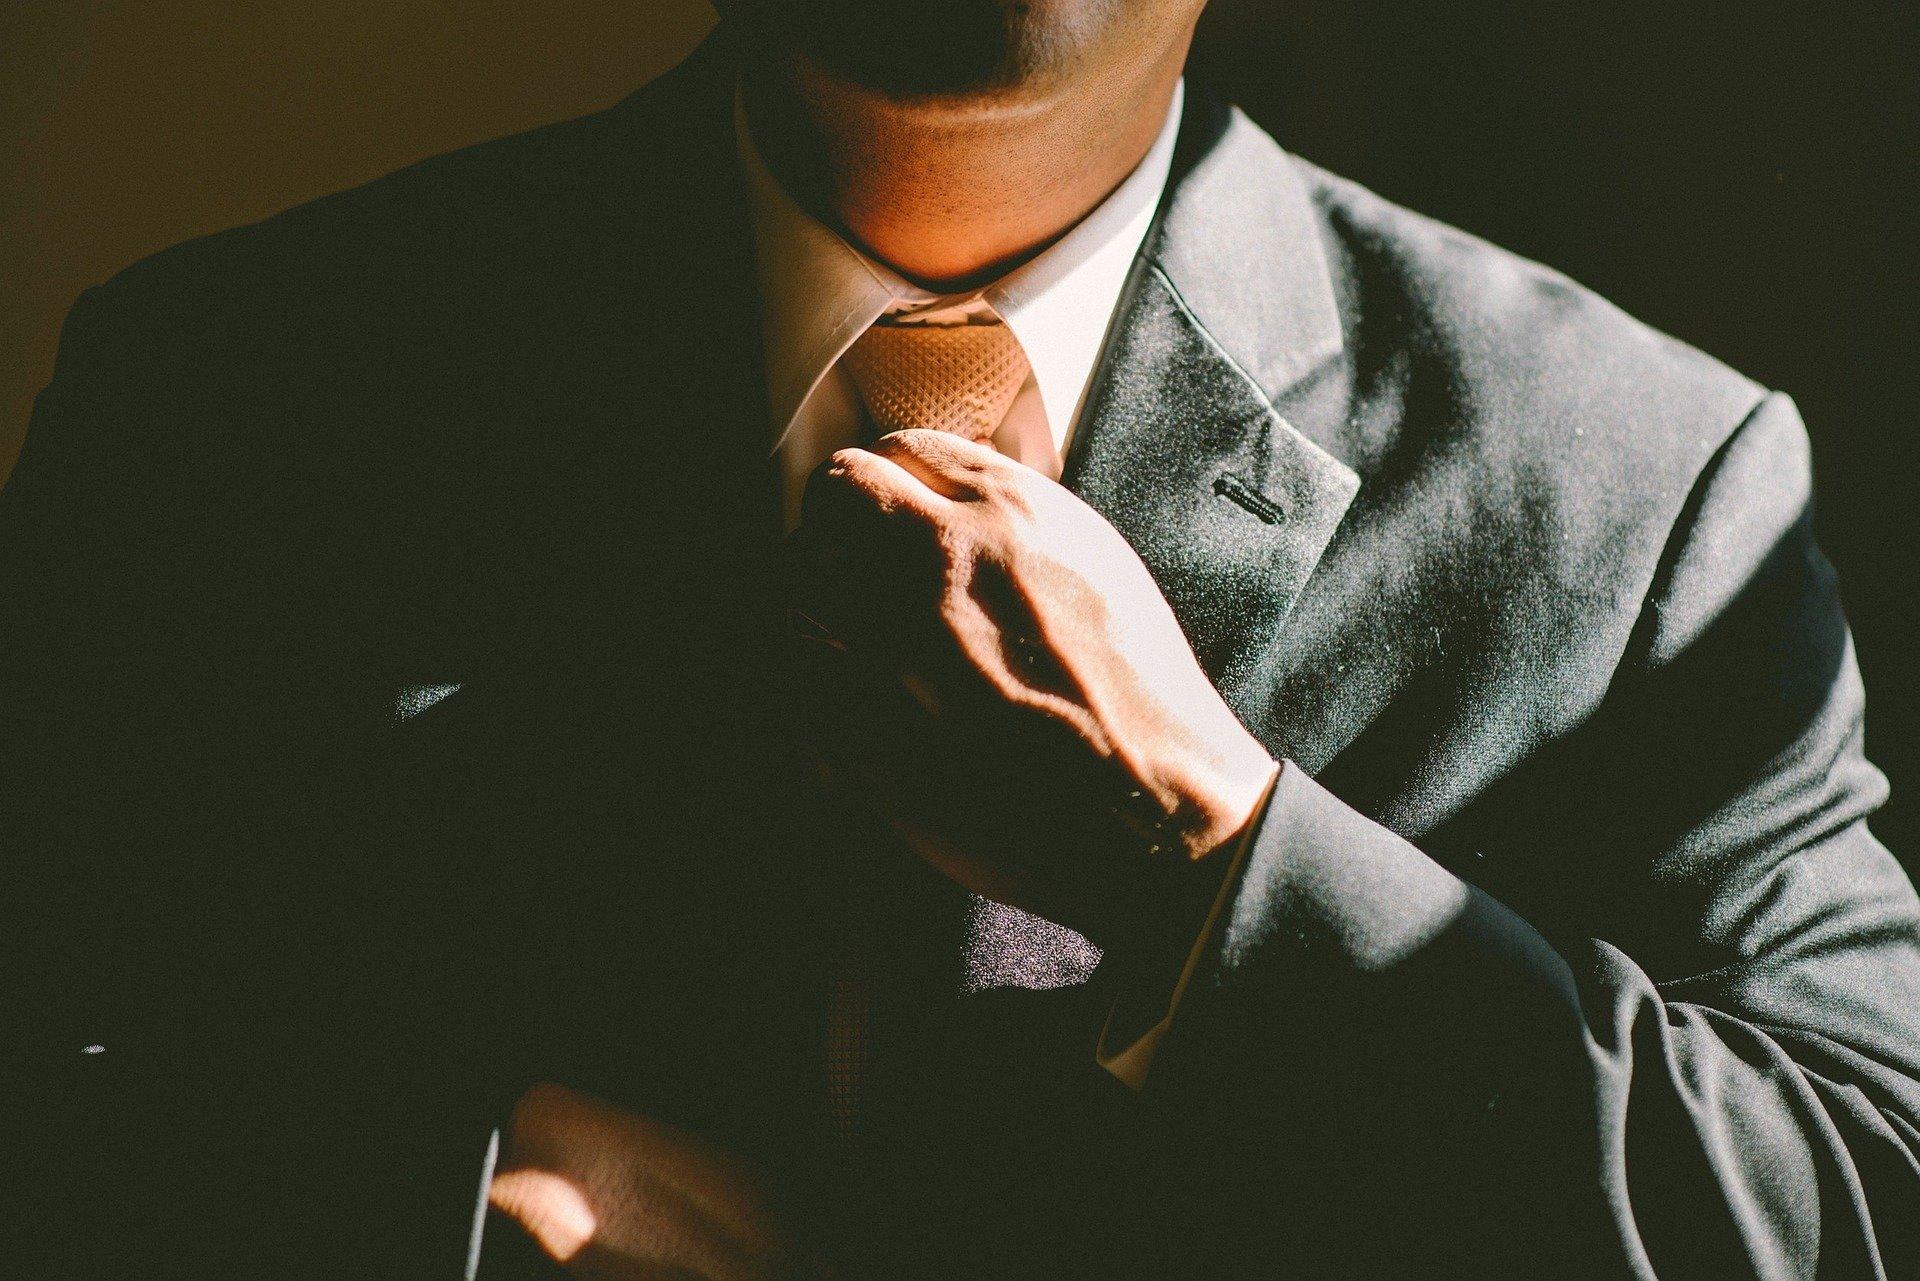 Il ragusano Giuseppe De Simone nella top ten dei migliori consulenti finanziari italiani under 40